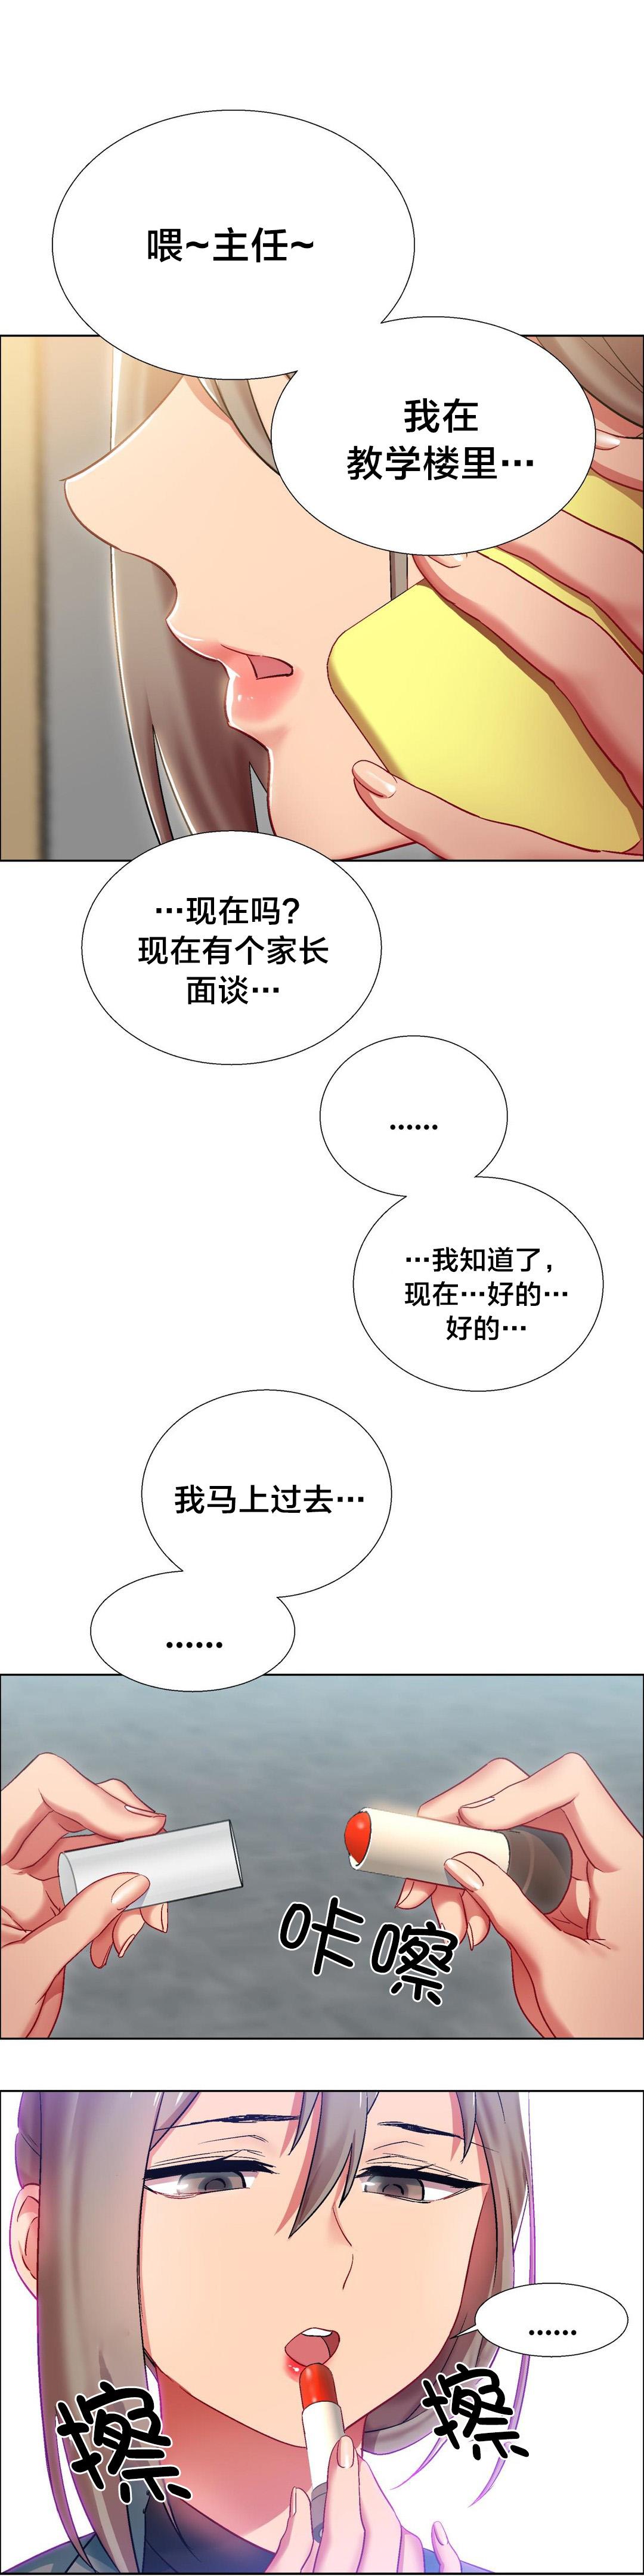 (全本免费漫画txt)(无删减)《独家放映》